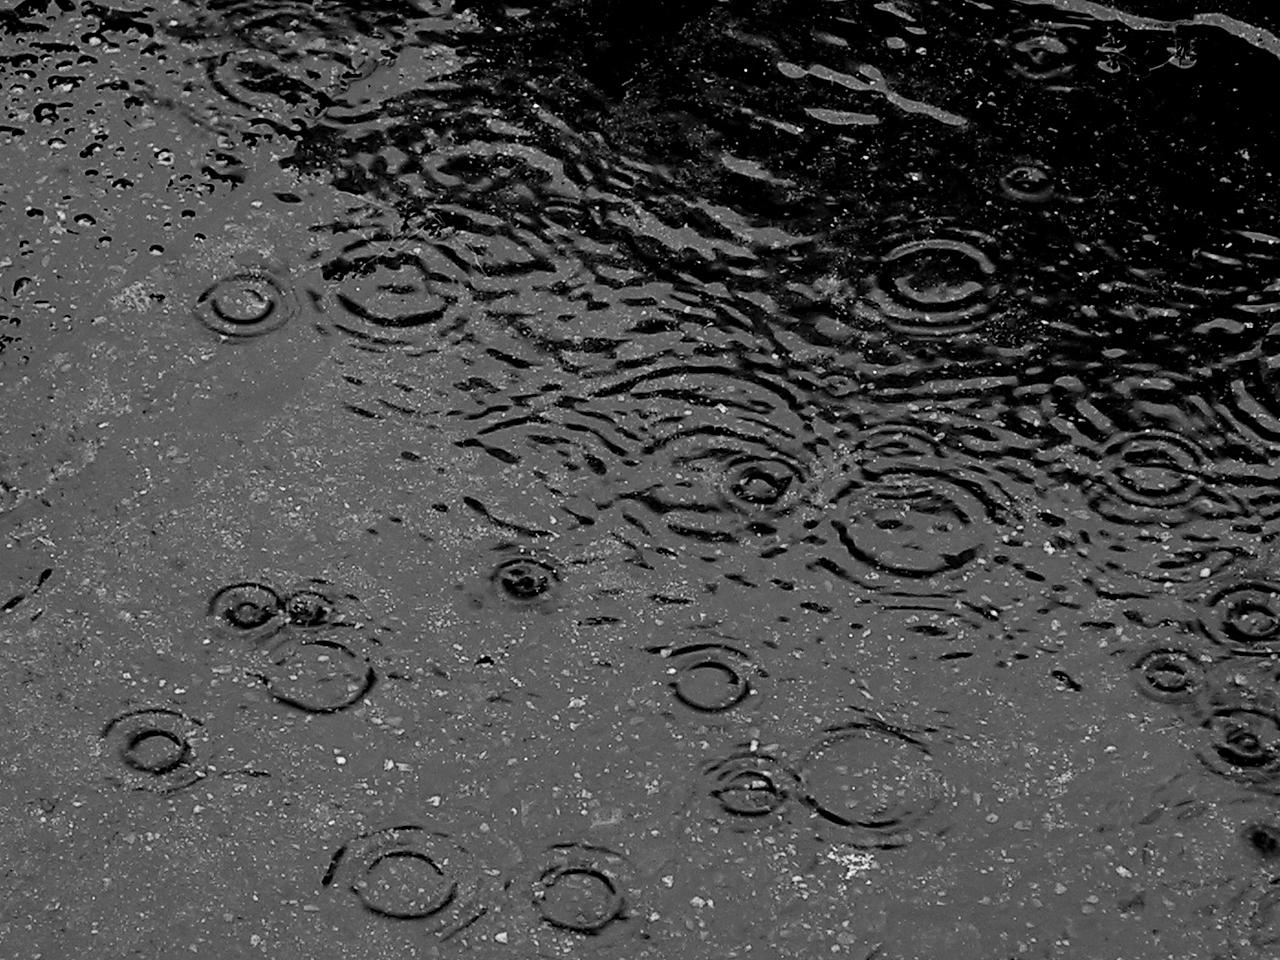 http://4.bp.blogspot.com/-W7p0bQ9xrjc/UCb7jxZhhuI/AAAAAAAAGkU/2iw0aO_4Ss0/s1600/rain.jpeg